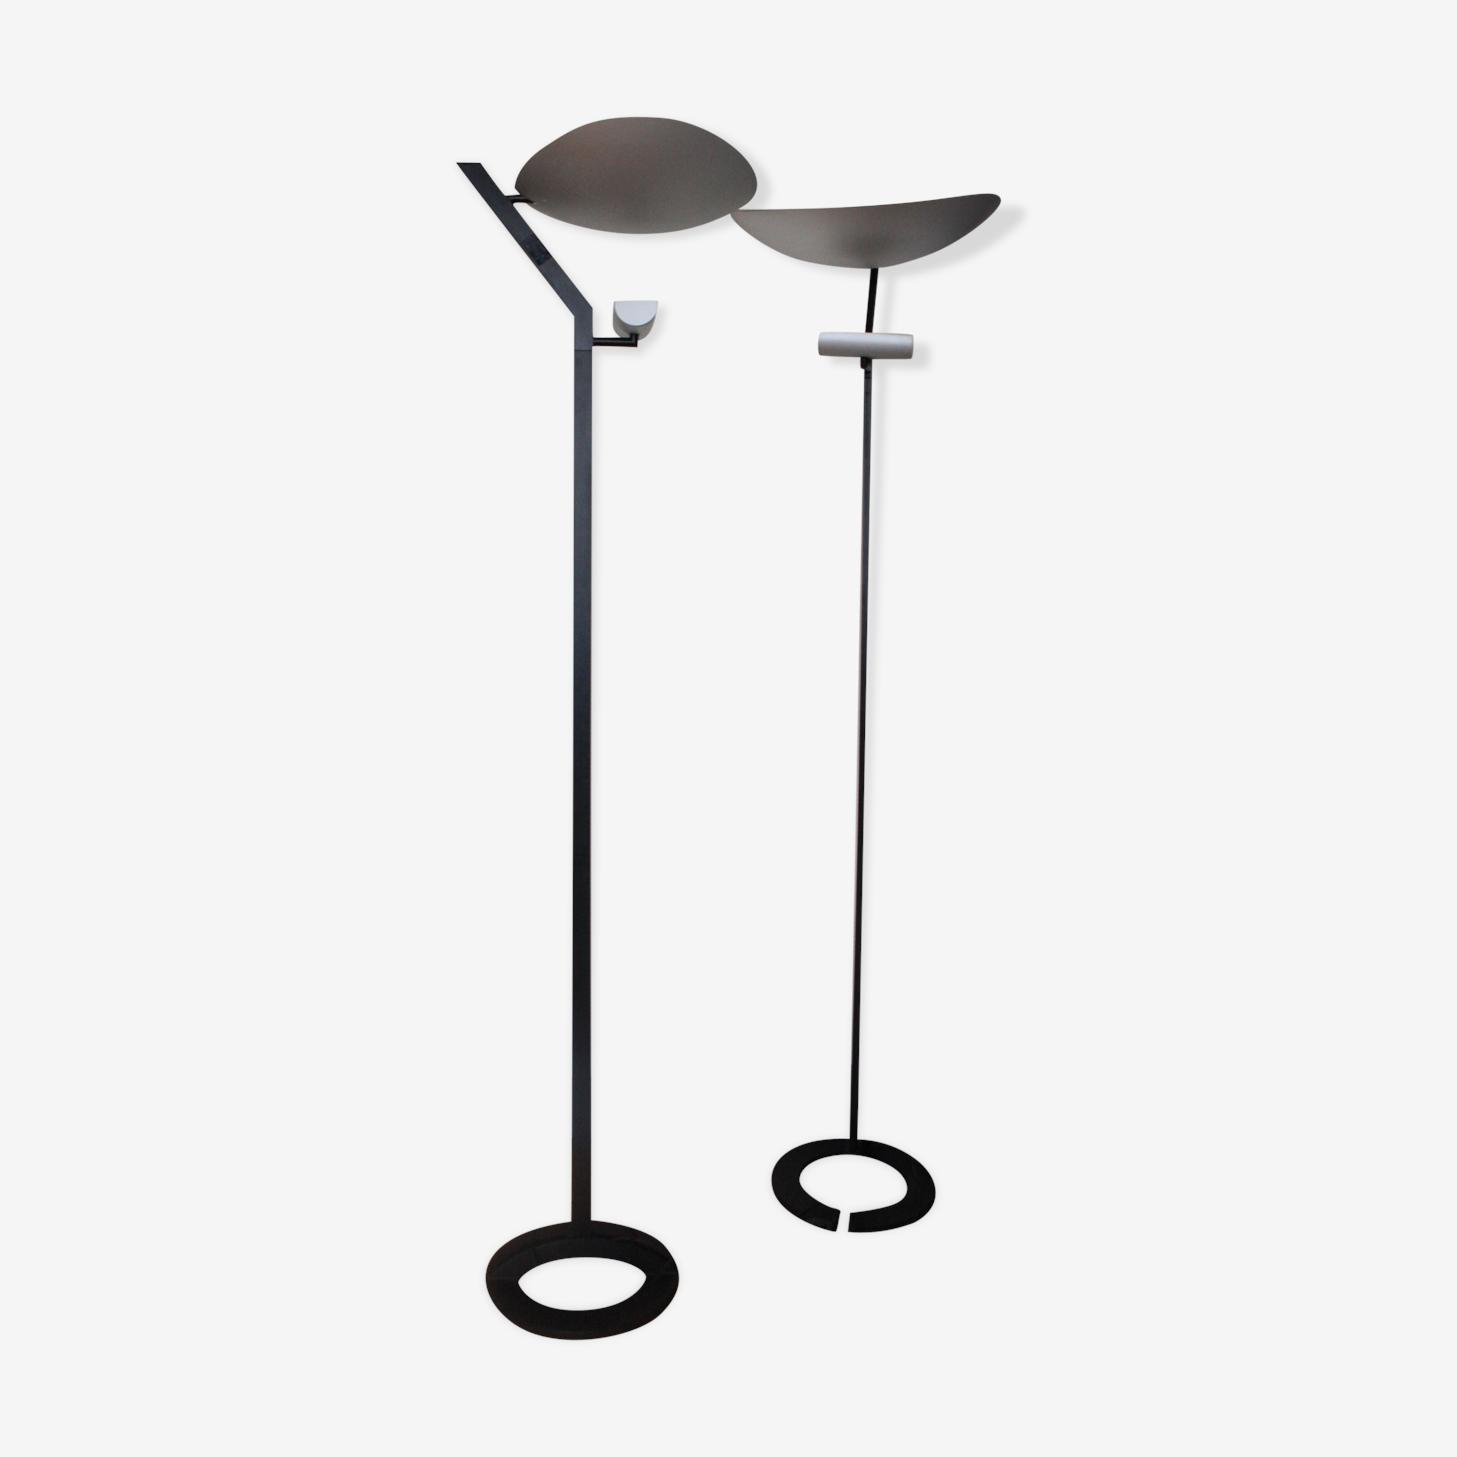 Paire de lampadaires Artemide par E. Gismondi modèle Zen